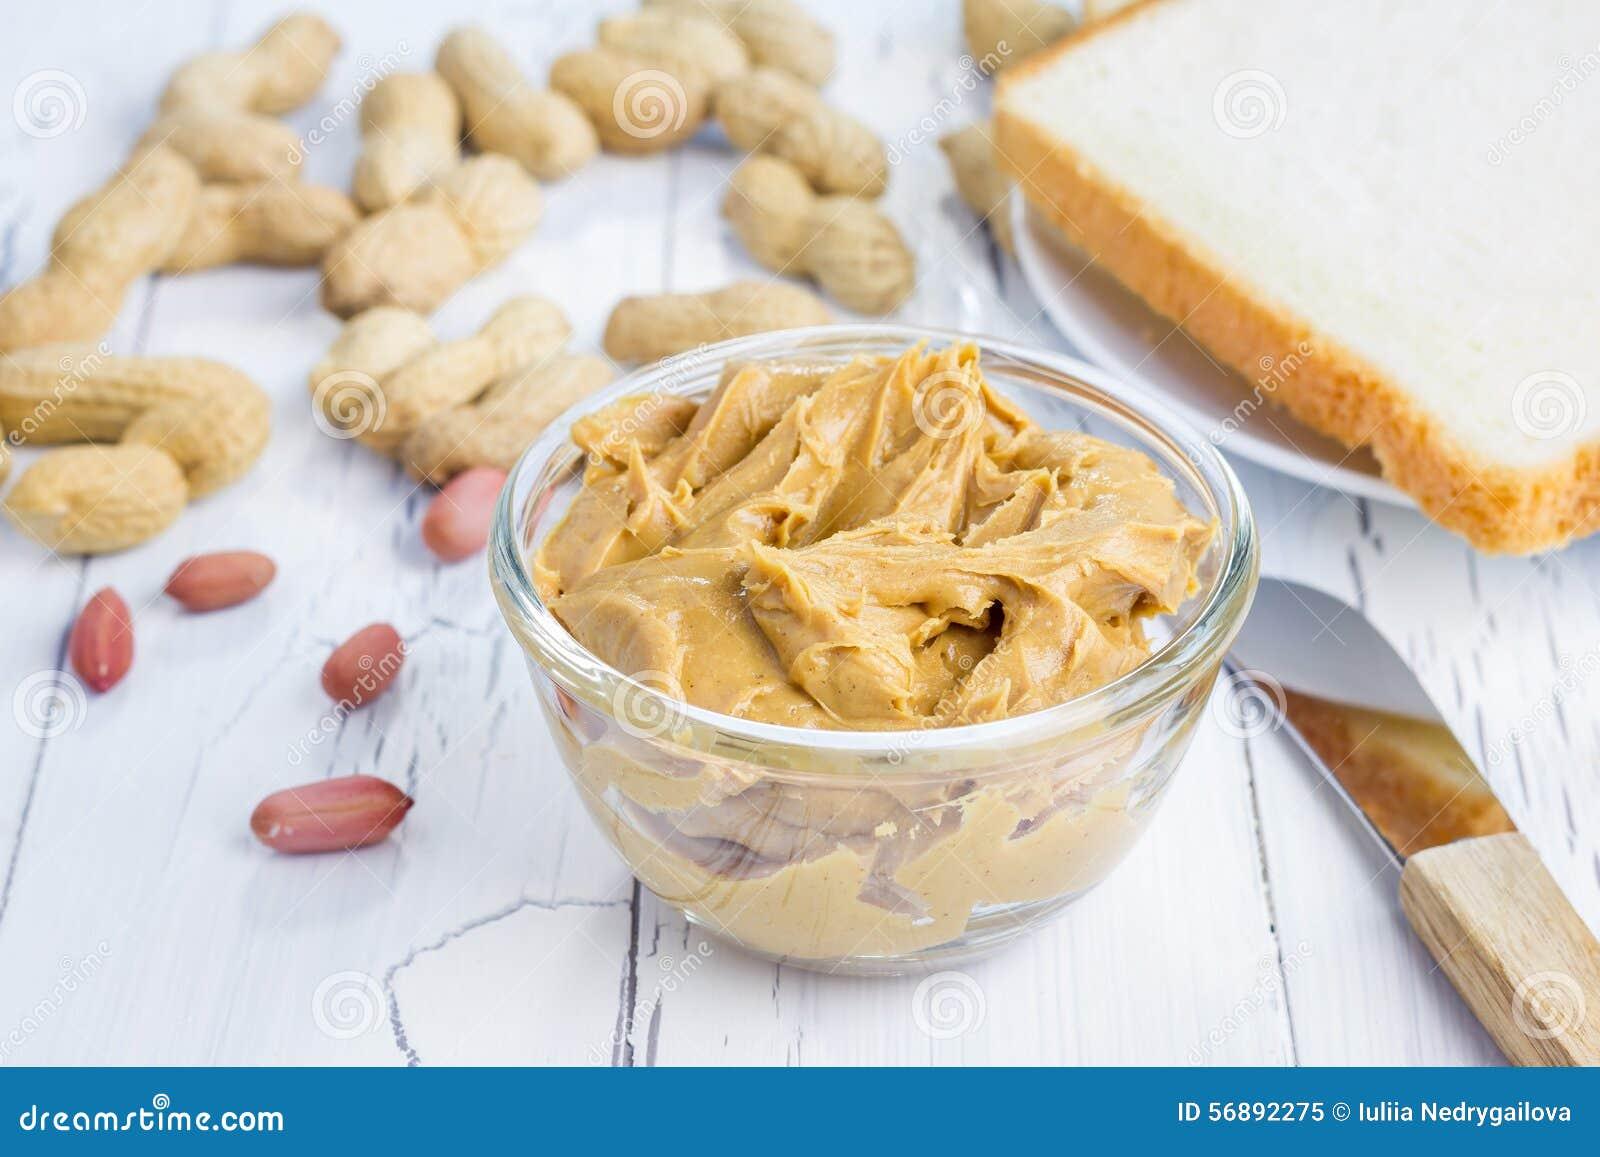 Burro di arachidi con i dadi